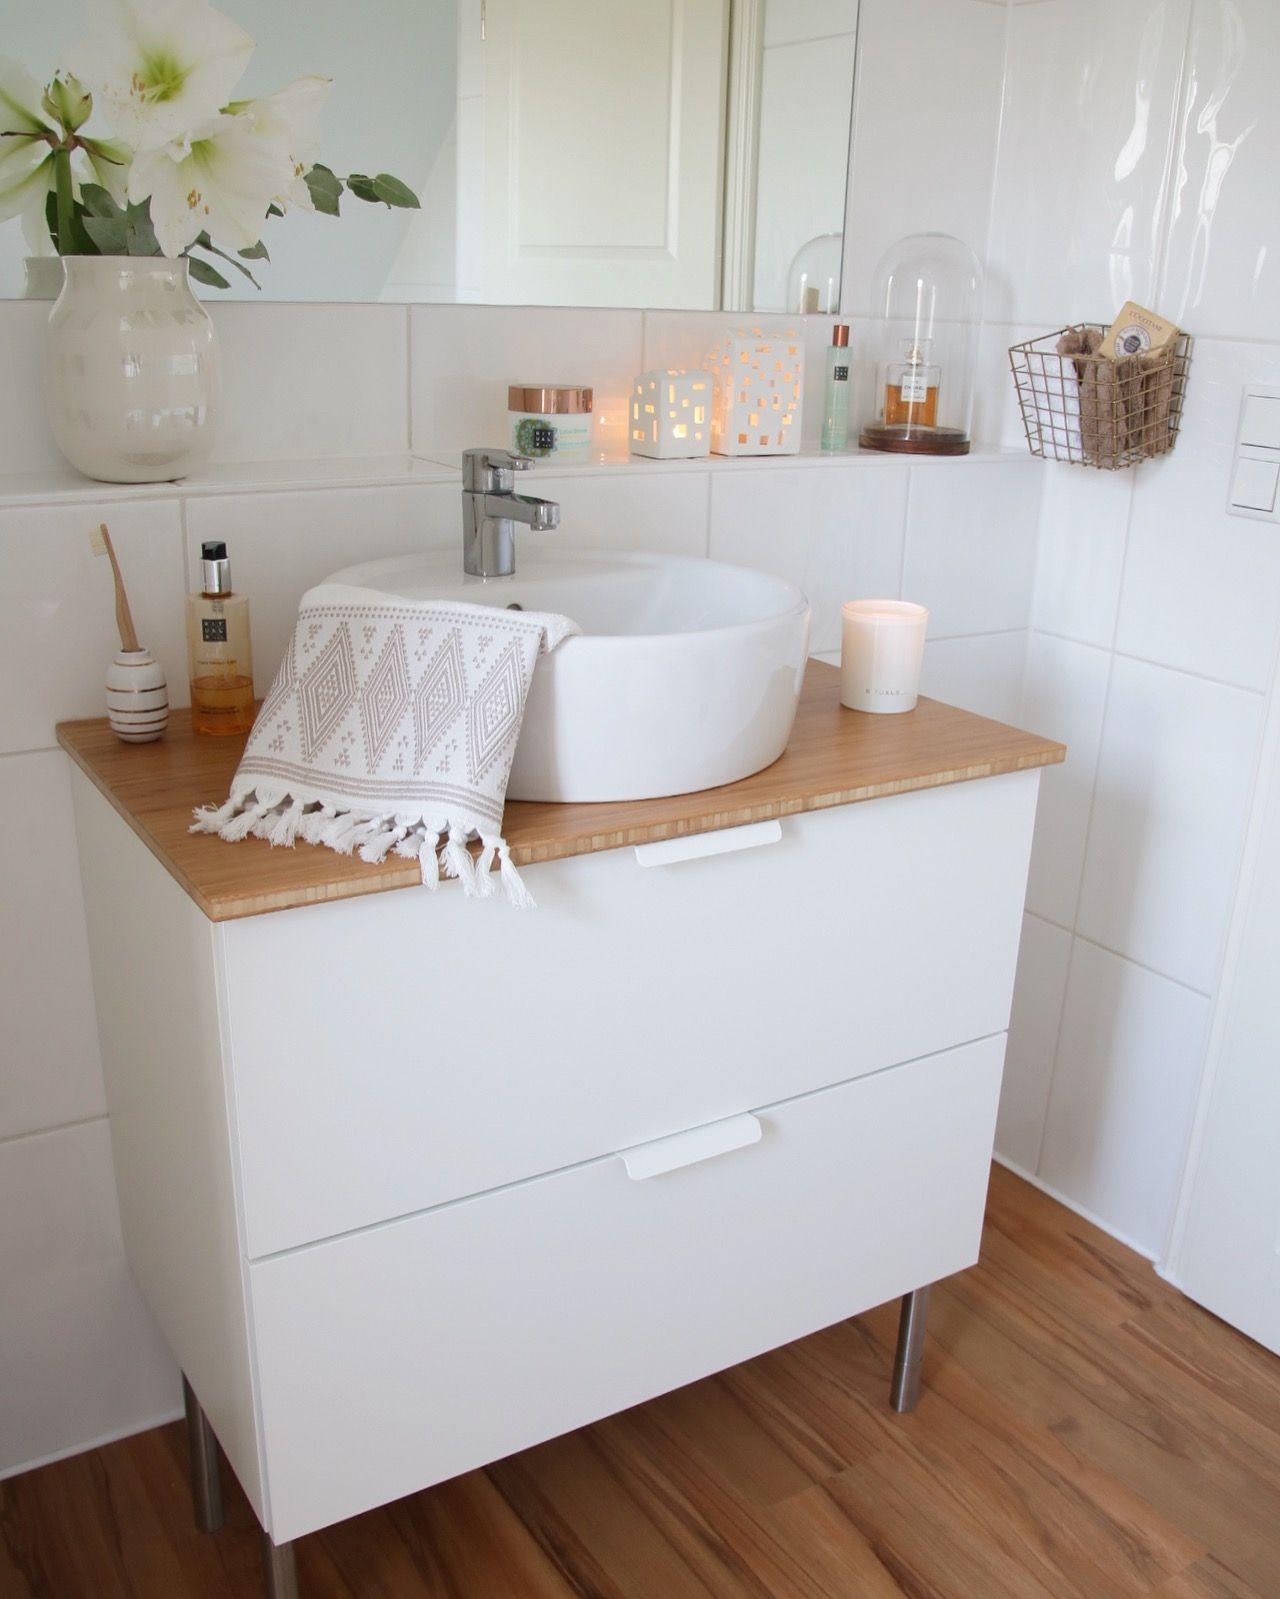 Vor Wenigen Wochen Wurde Unser Badezimmer Teilweise Renoviert Heute Zeige Ich Euch Einen Kleinen Auszug Vom Bad Tada Badezimmer Badezimmer Ablage Waschbecken